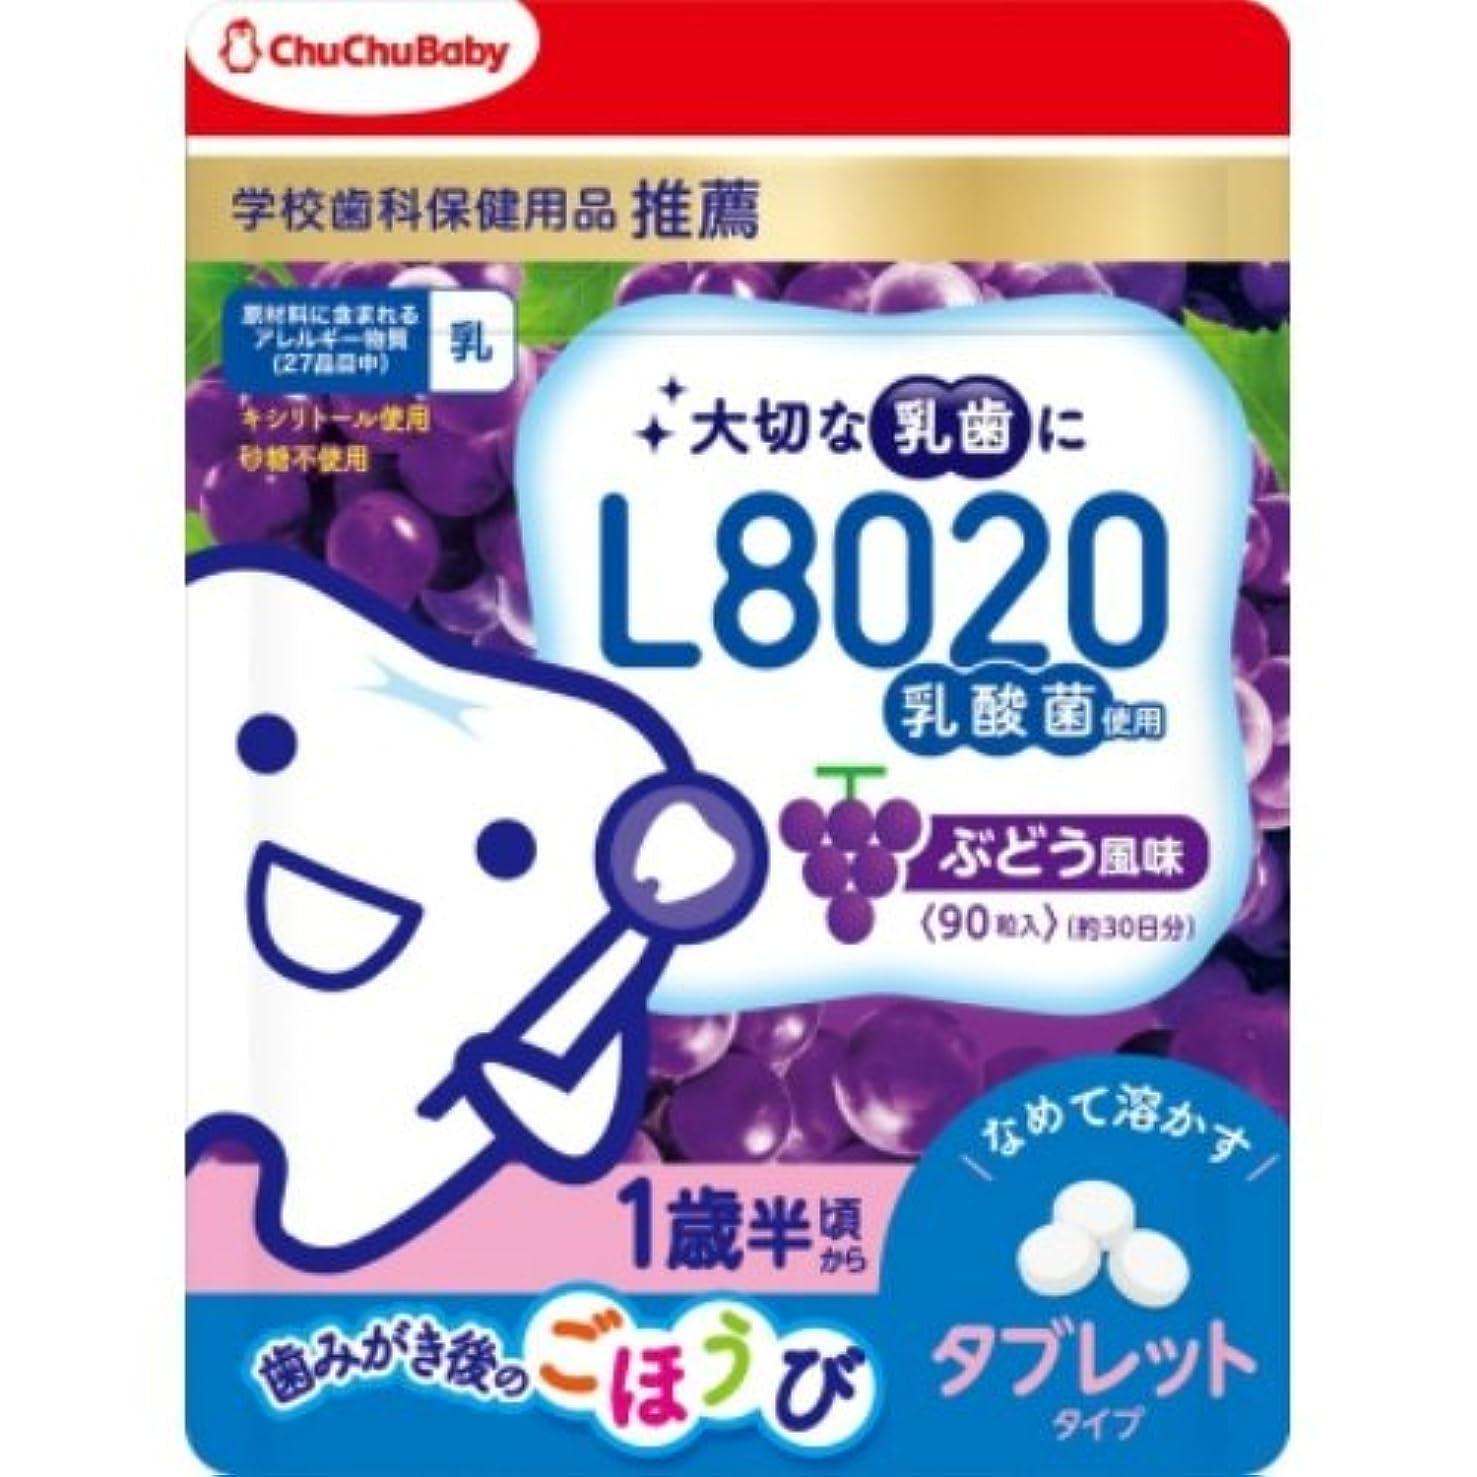 でワイプテンション【60個セット】チュチュベビー L8020菌入タブレット ぶどう味×60個セット 1ケース分